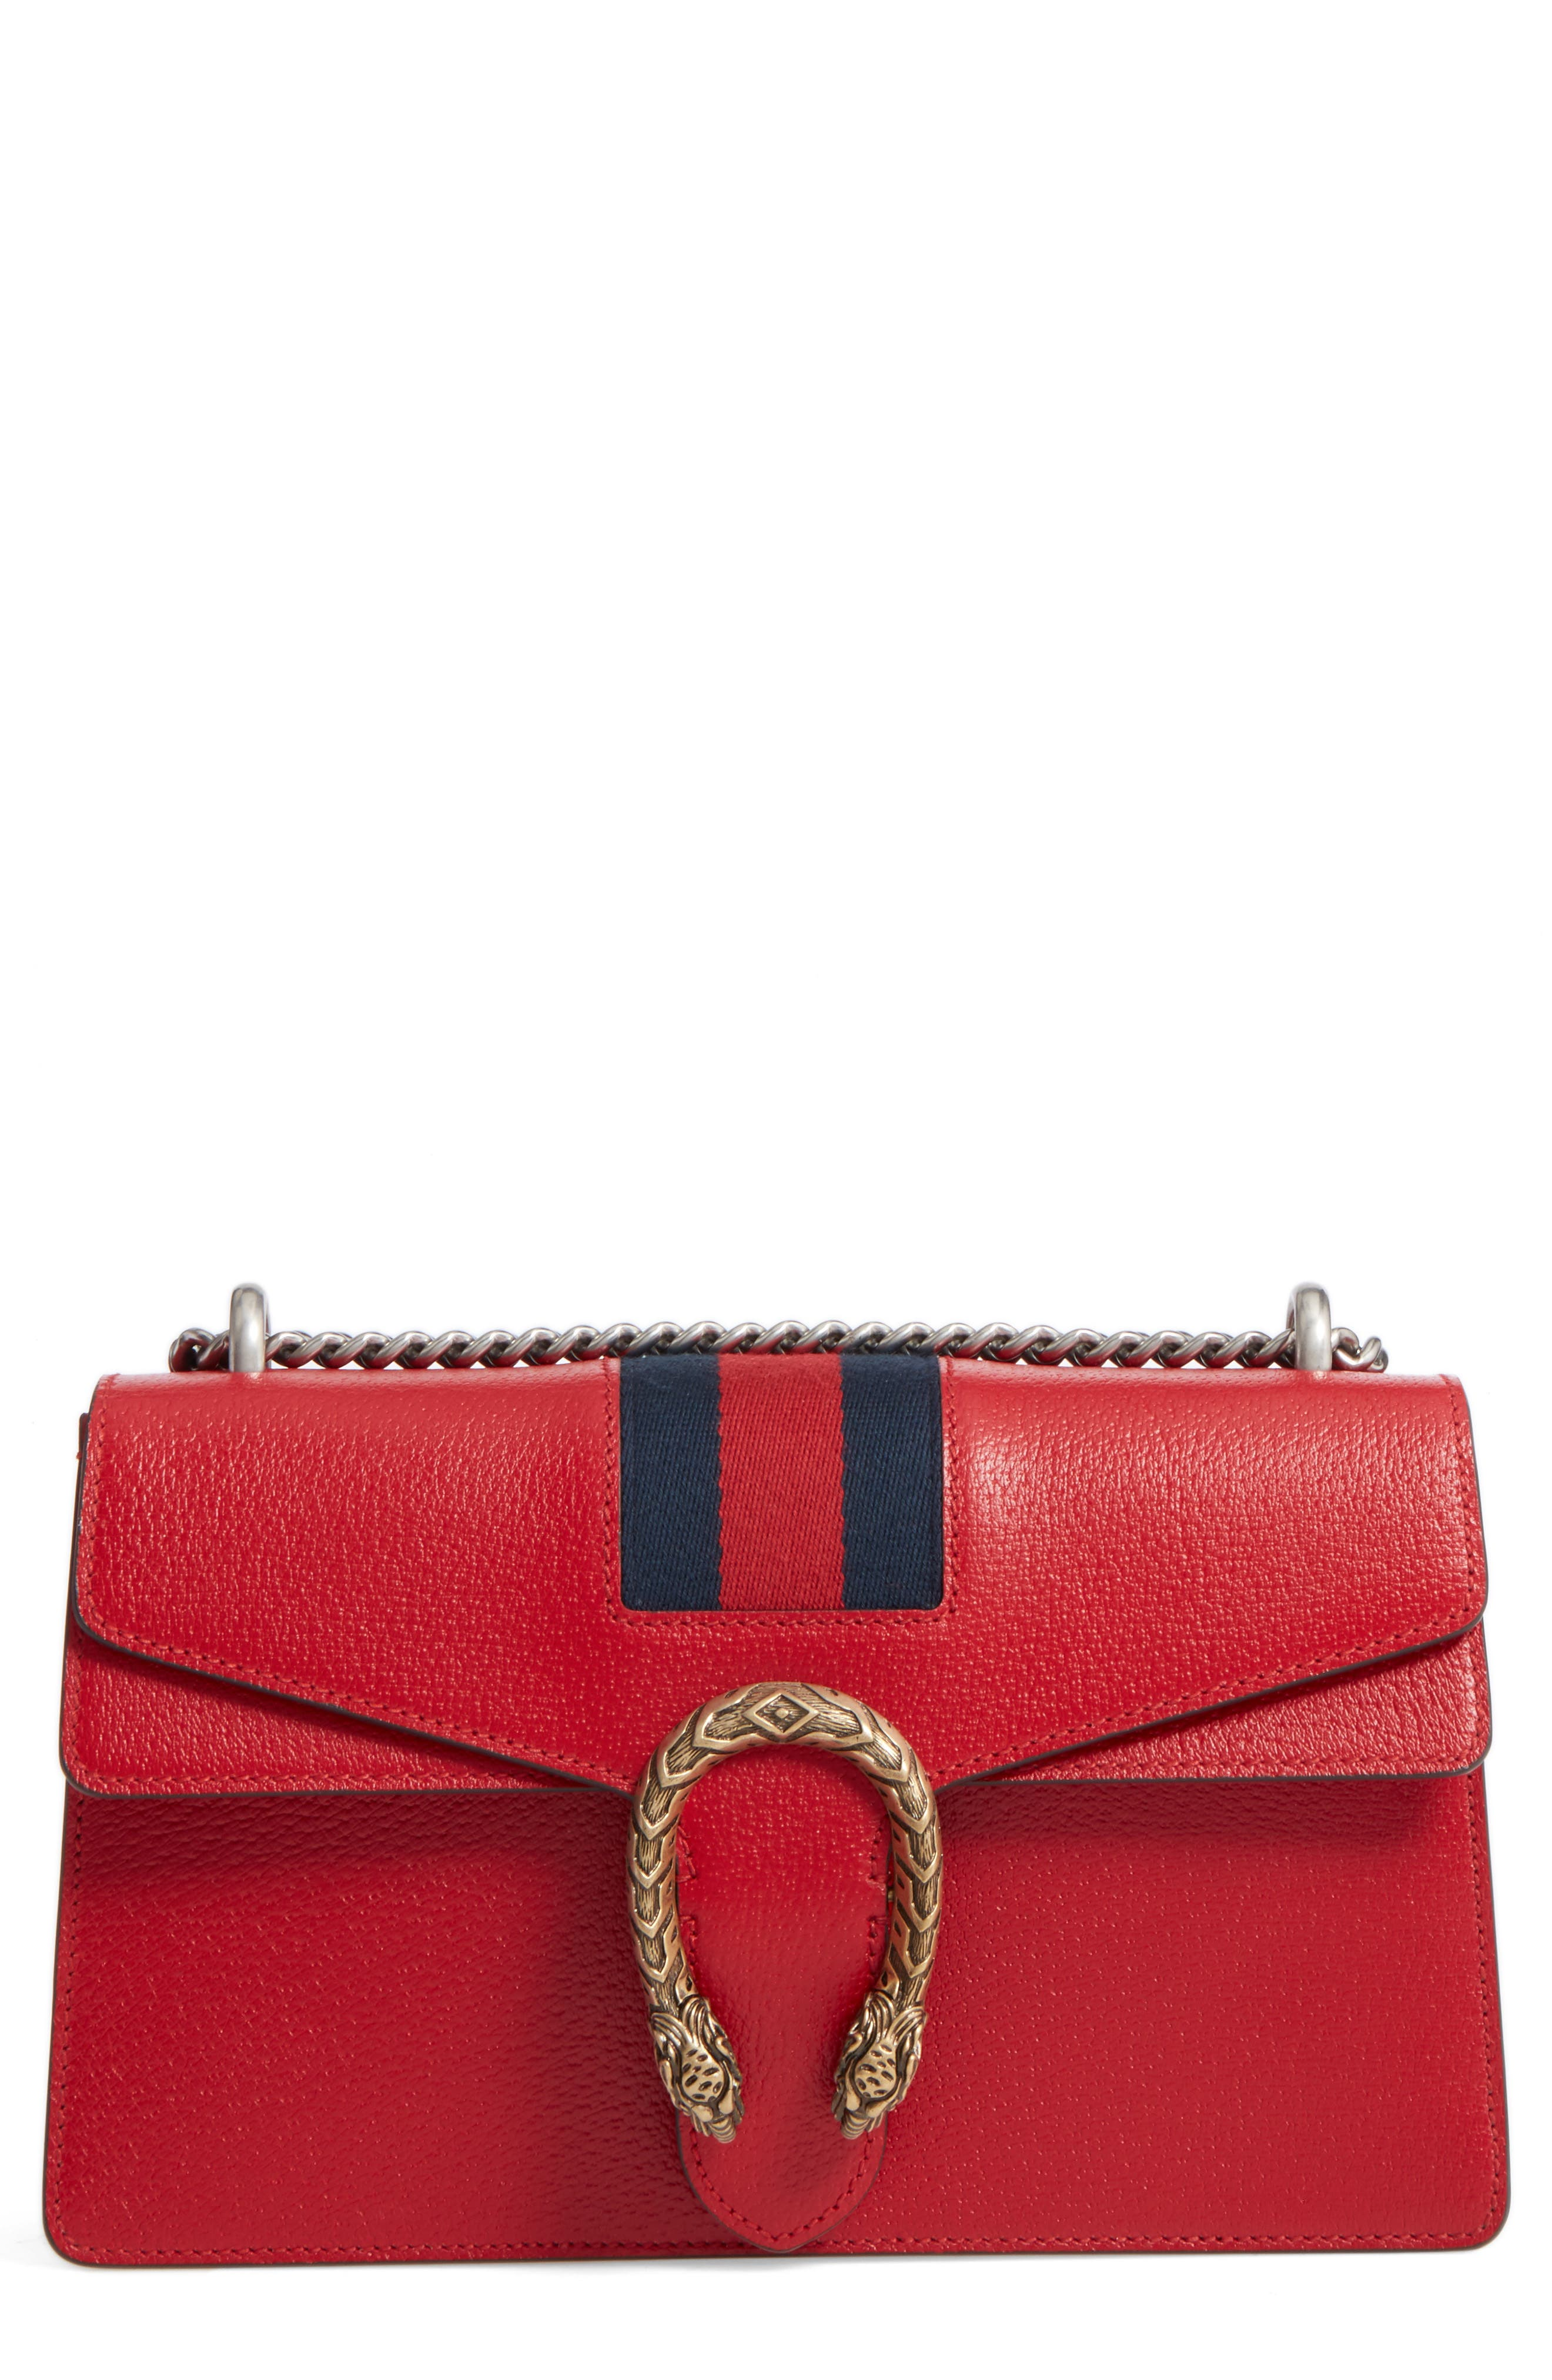 Dionysus Leather Shoulder Bag,                         Main,                         color, 625